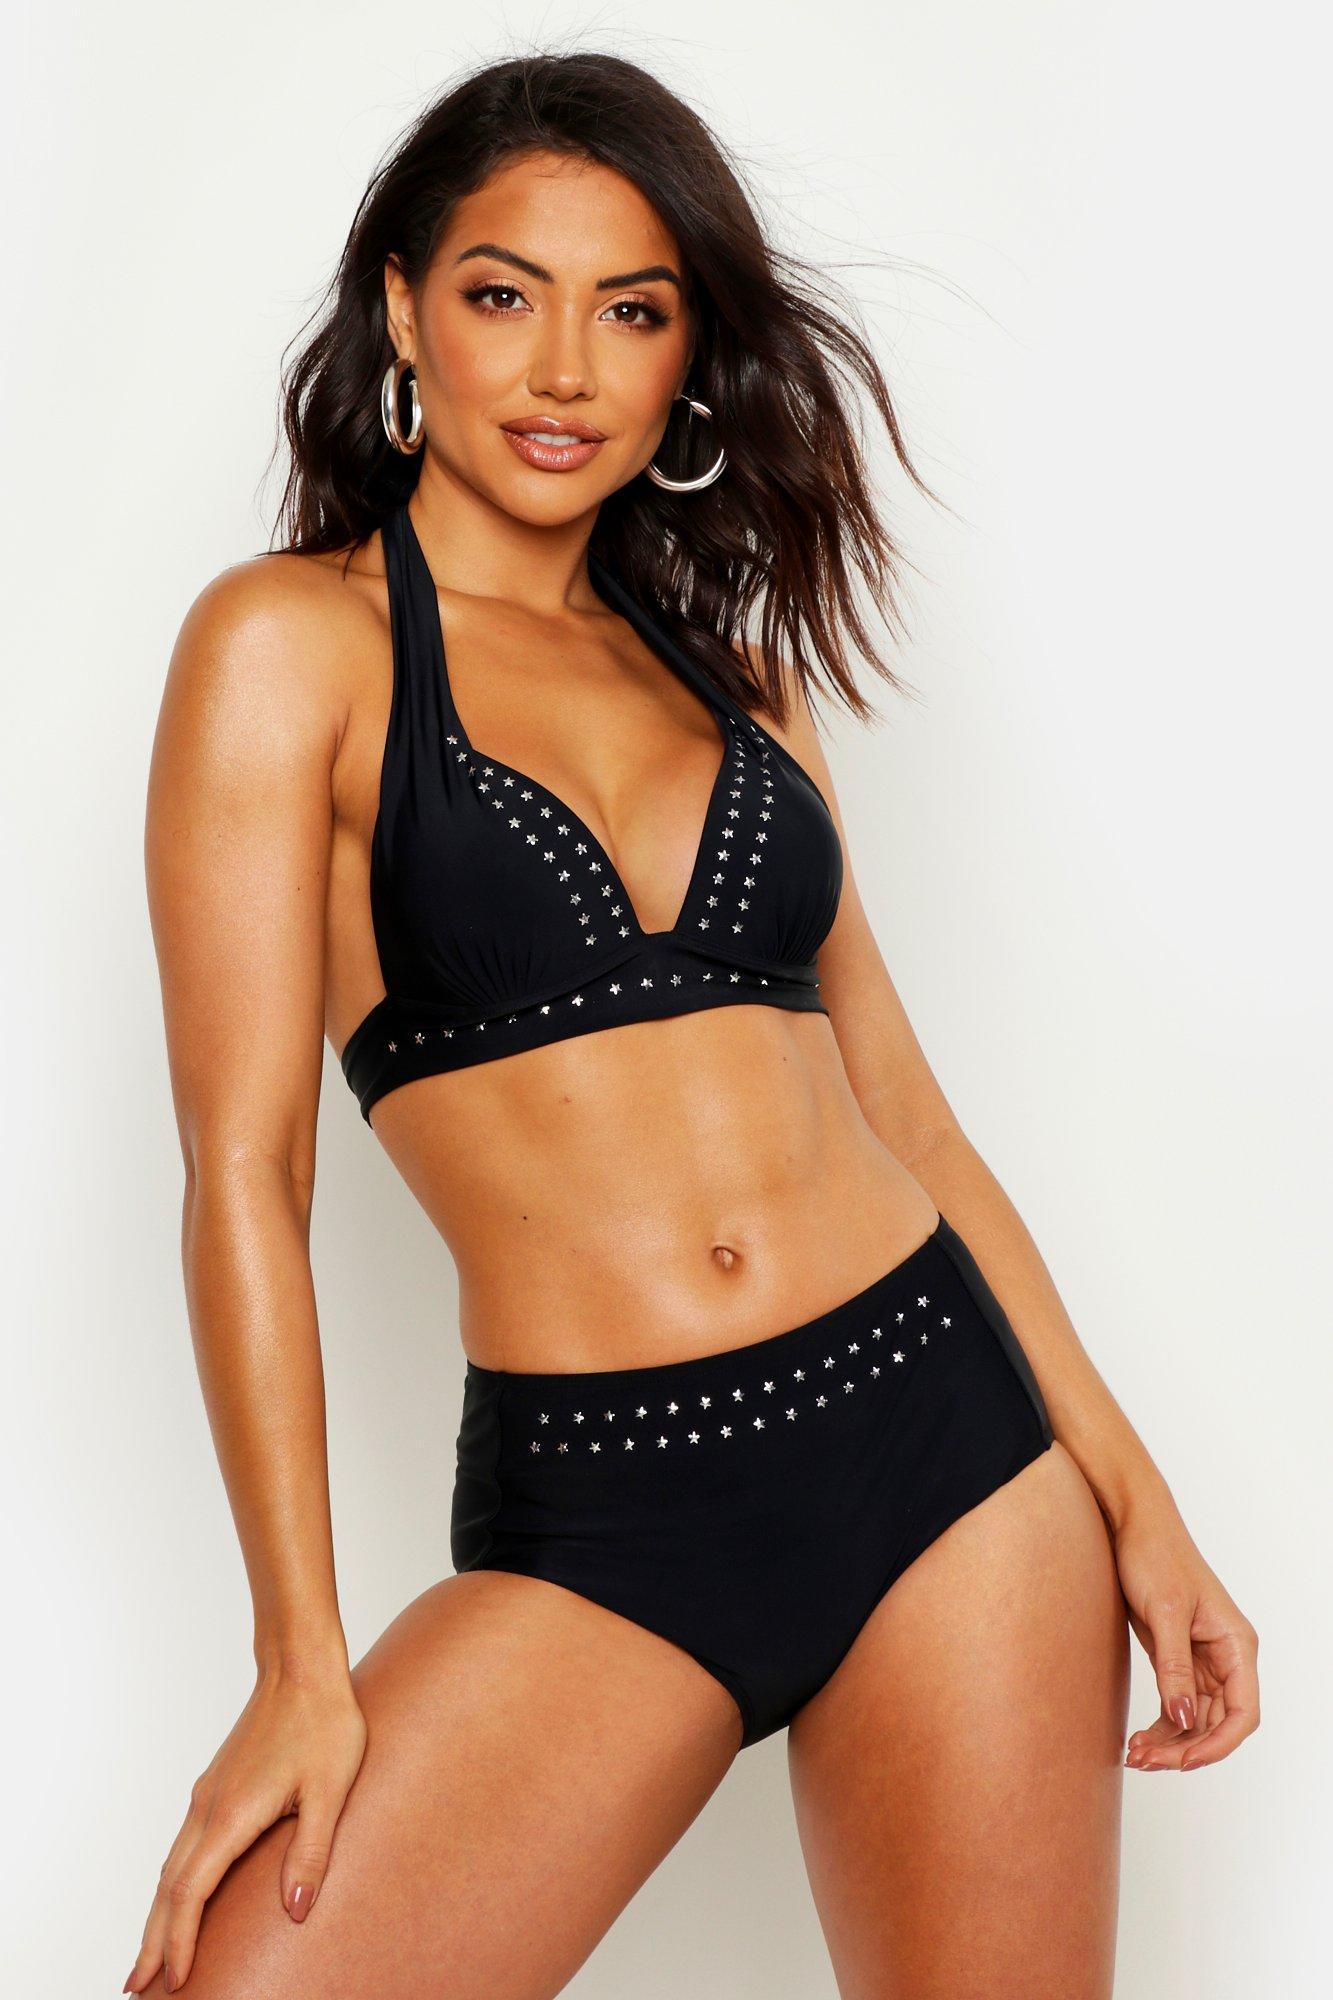 Womens Mix & Match Push-Up Bikini-Oberteil mit Sternnieten und tiefem Ausschnitt - schwarz - 34, Schwarz - Boohoo.com